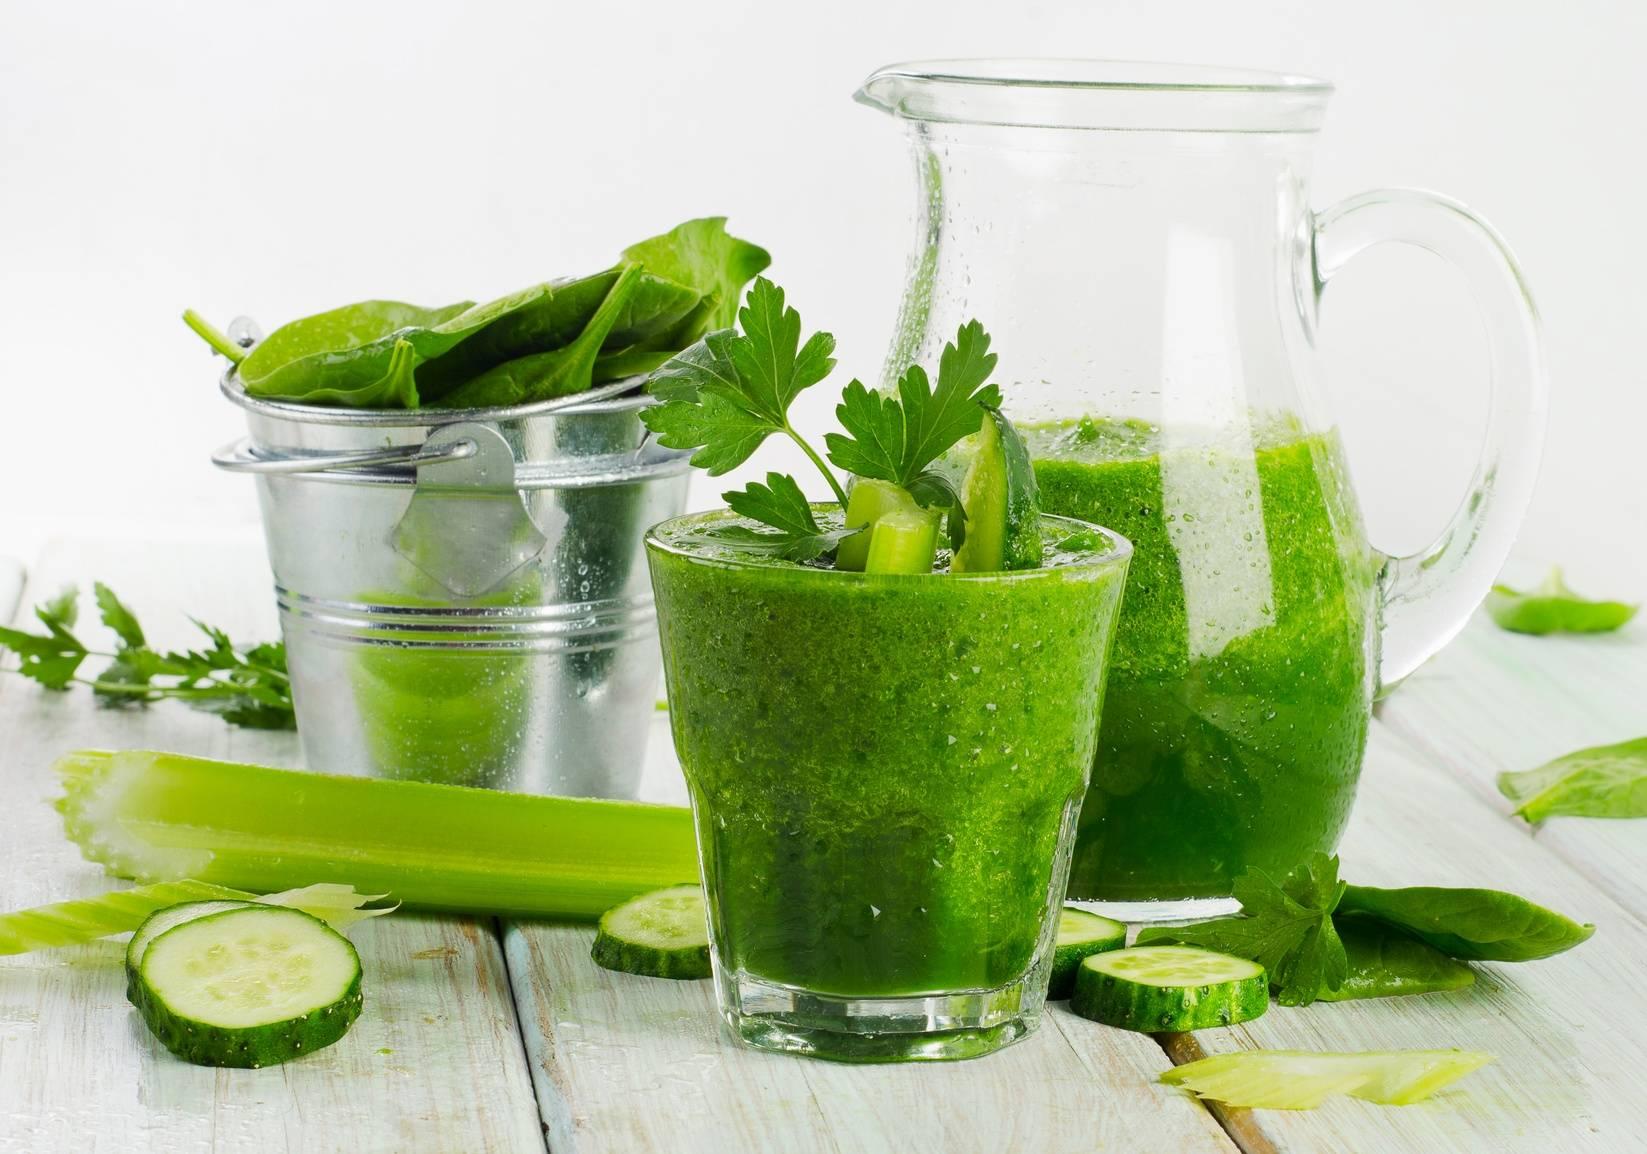 Przepis na sok z turbodoładowaniem z jabłkiem, kiwi, zielonym ogórkiem, sokiem z cytryny i selerem naciowym.